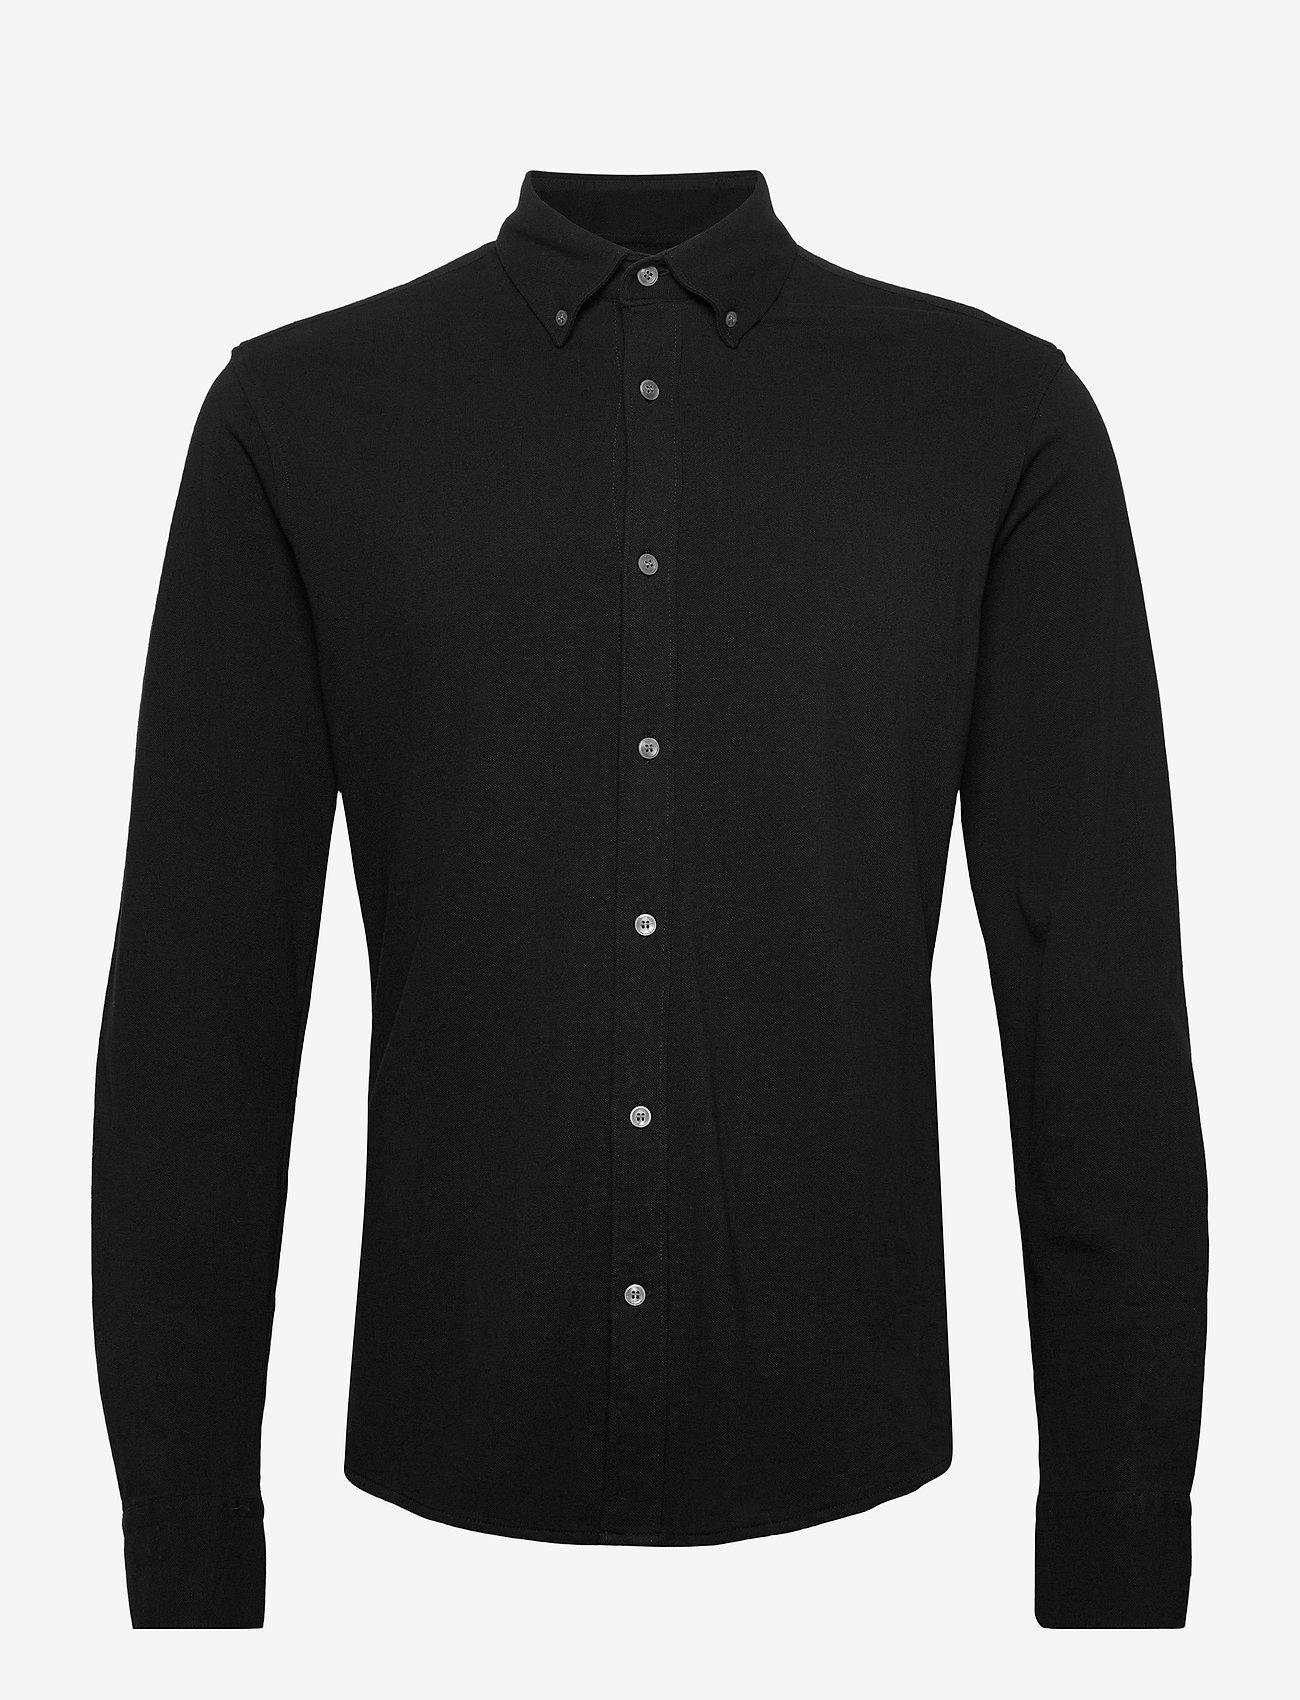 Tiger of Sweden - FENALD - basic skjorter - black - 0